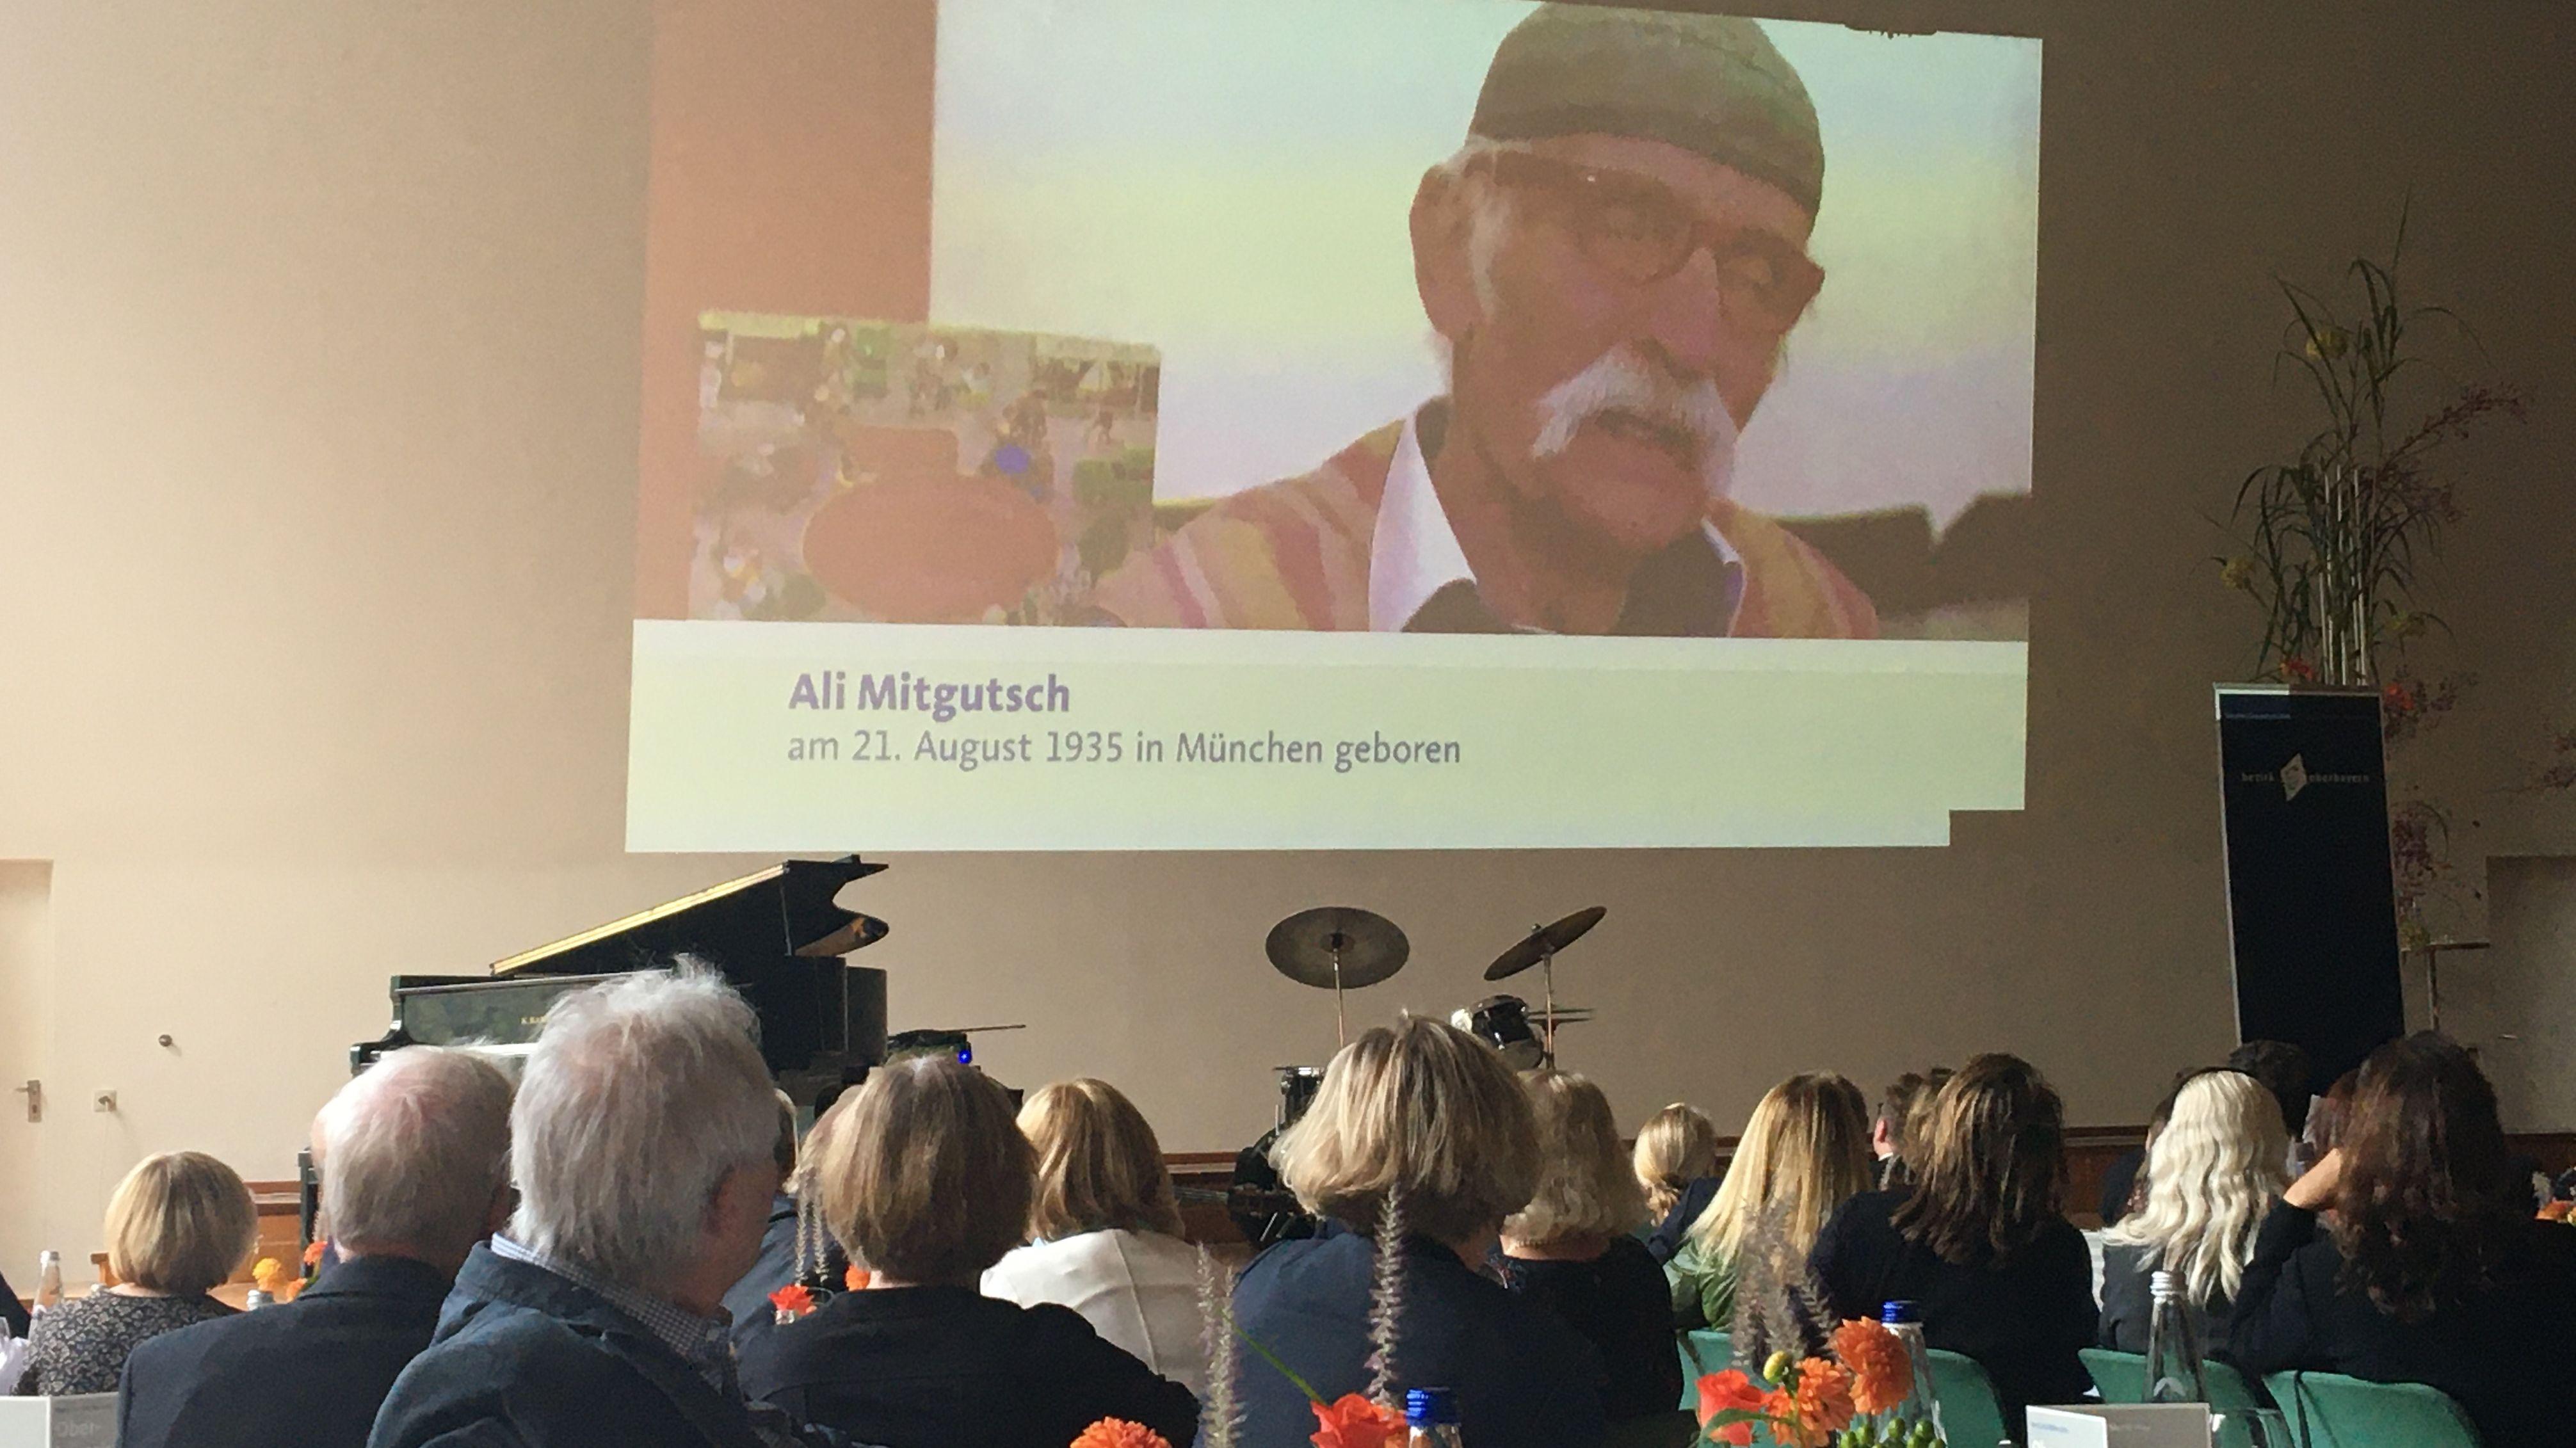 Aus gesundheitlichen Gründen konnte Ali Mitgutsch den Preis nicht persönlich entgegennehmen. Er wurde von seiner Frau vertreten.